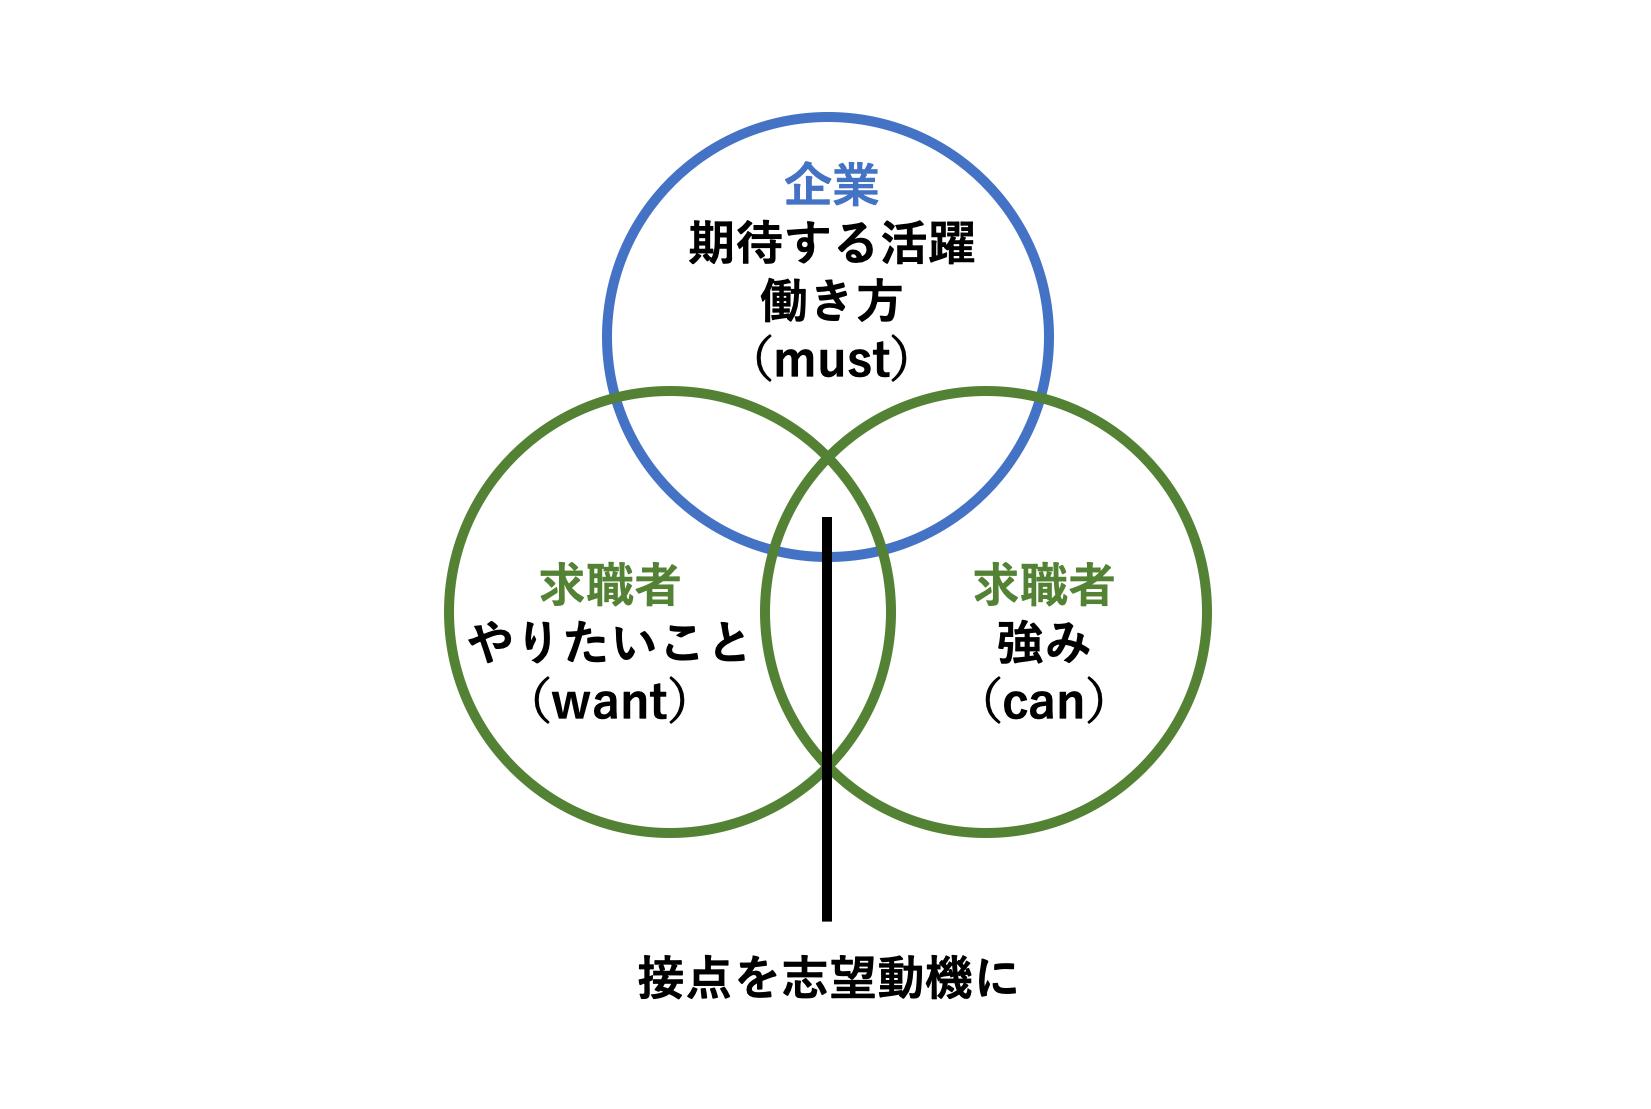 ▲ 「やりたいこと(want)」「強み(can)」「自社が期待すること(must)」の接点を見つける。